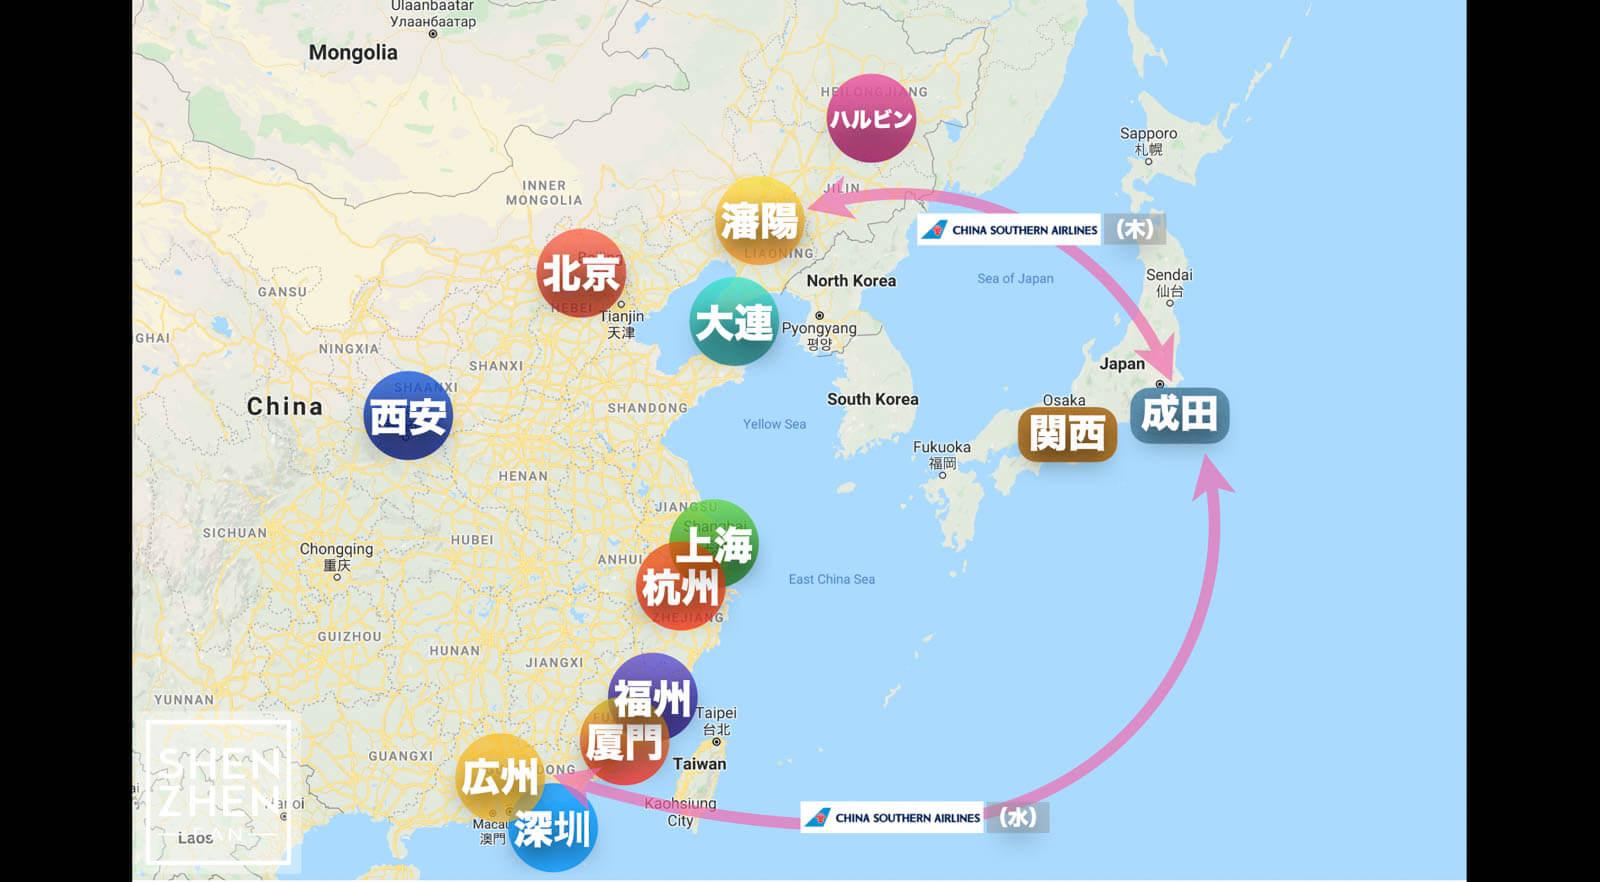 【速報】中国南方航空「成田ー広州」線を8月12日より毎週水曜に運航へ!